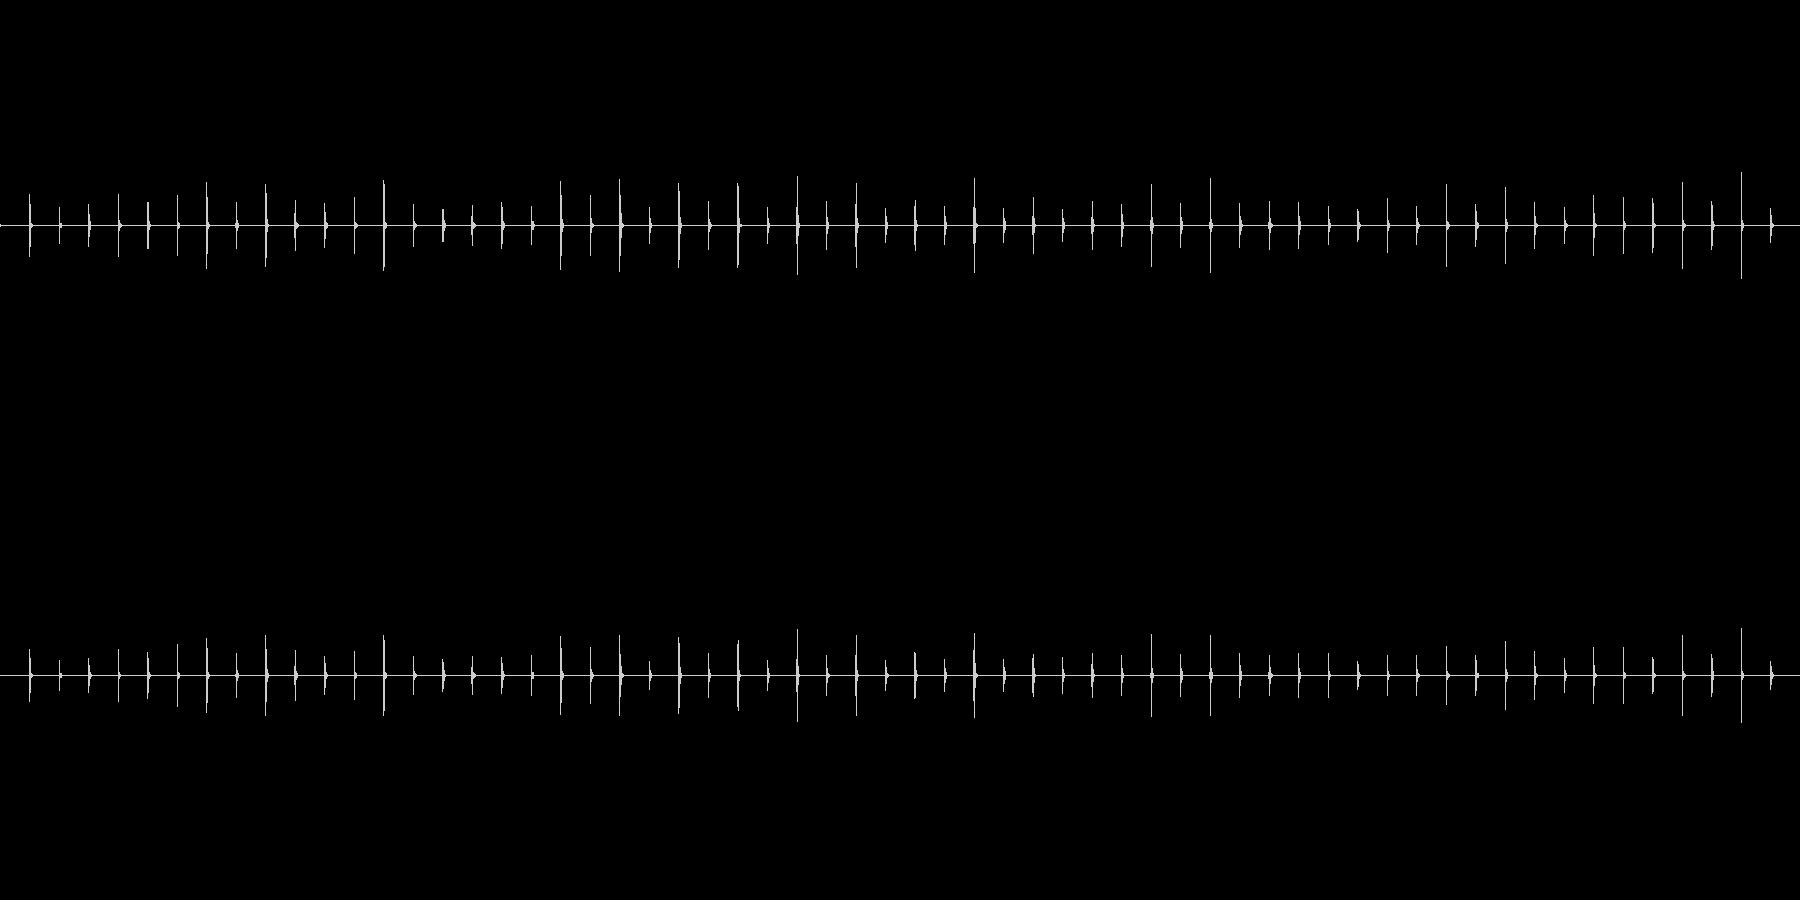 時計の秒針の音(1分)チッチッチ・・・の未再生の波形